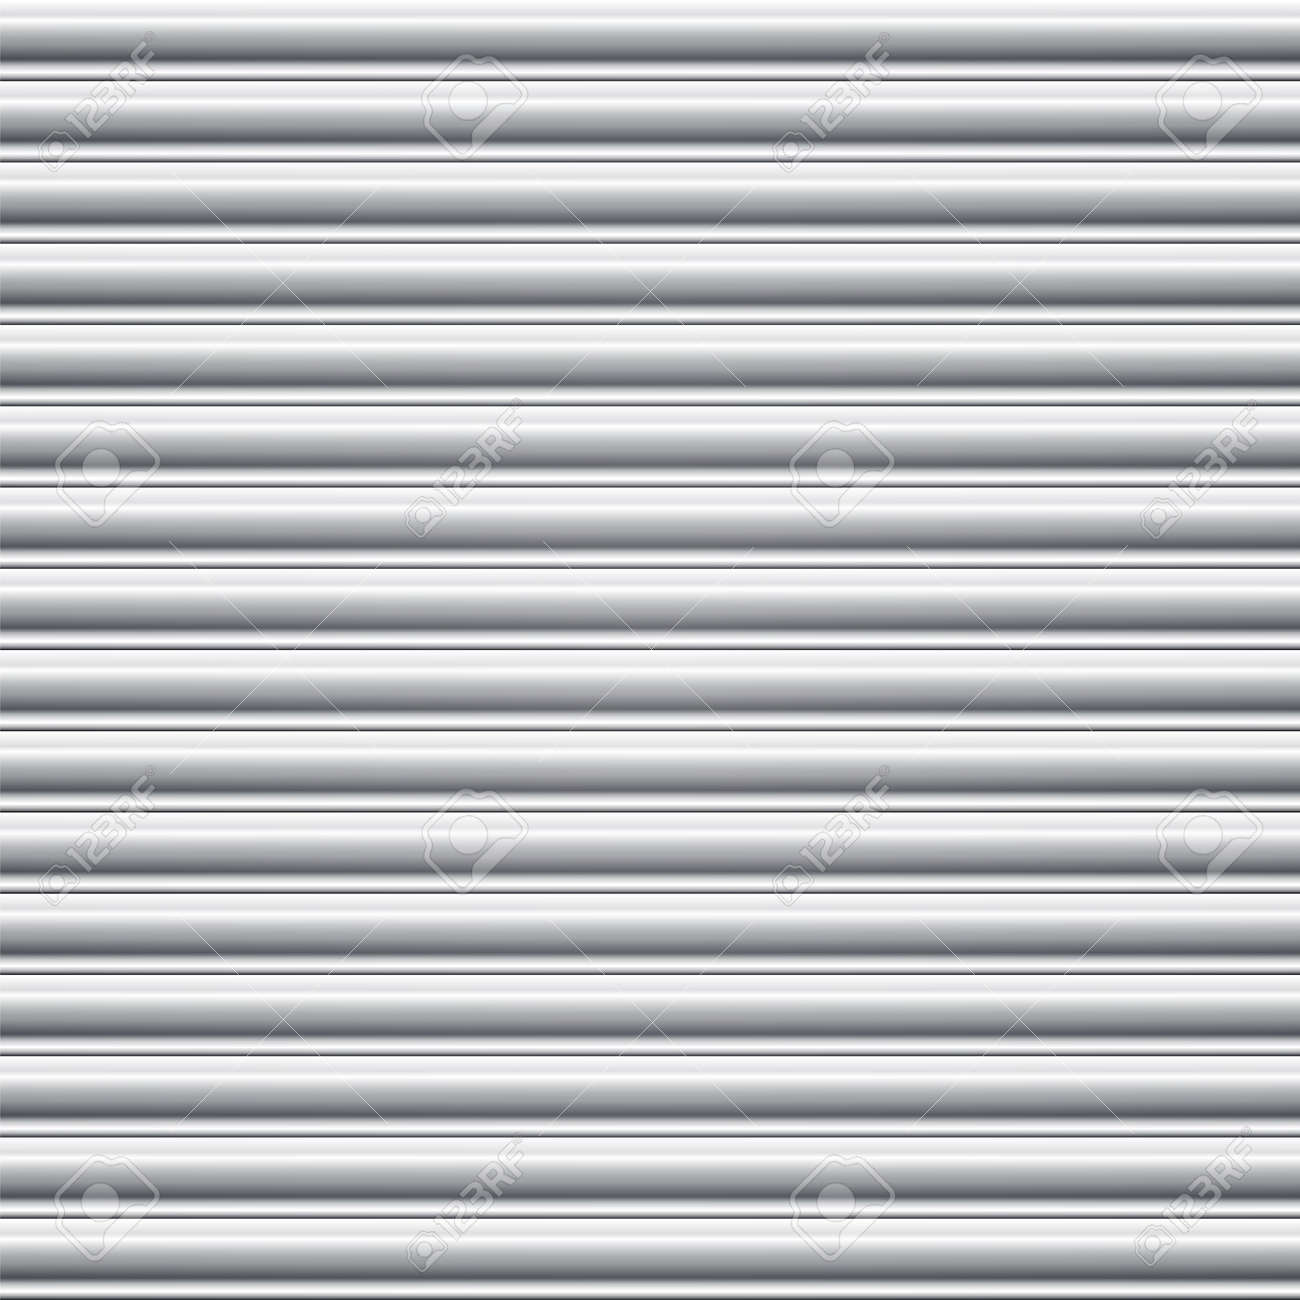 Steel door shutter  Seamless background Stock Vector - 24066739